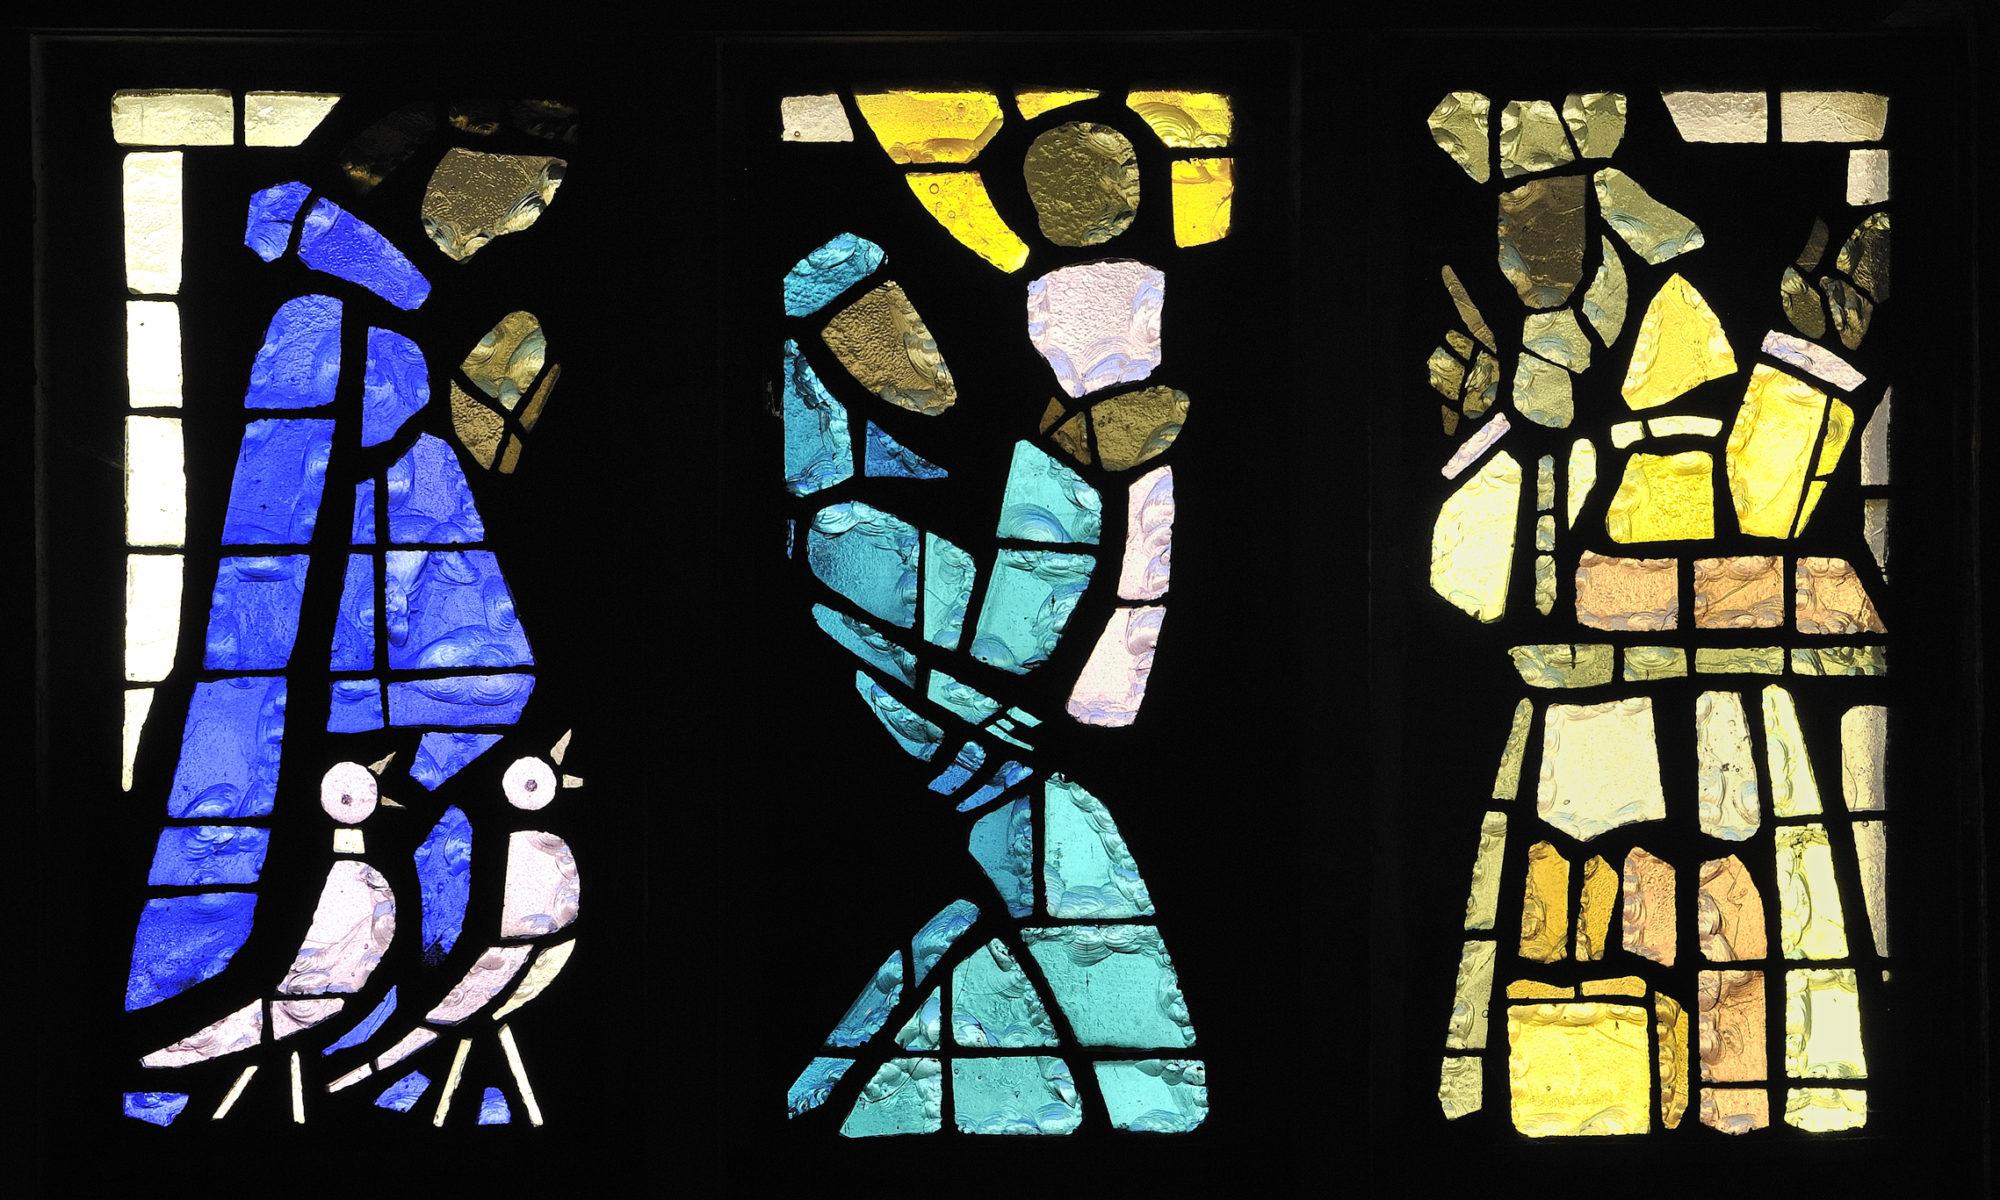 Les vitraux de Gabriel Loire à Kervignac